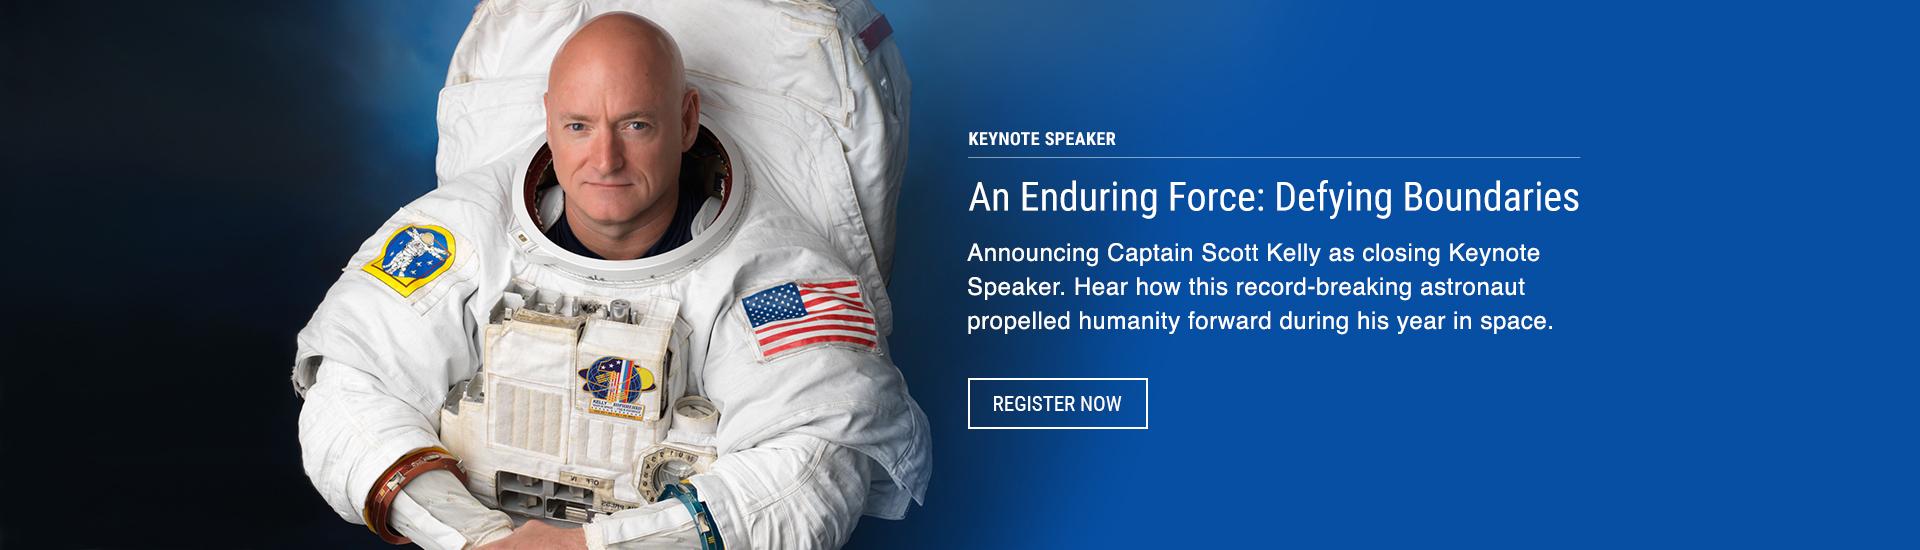 NIWeek_2019_keynote_speaker_feature